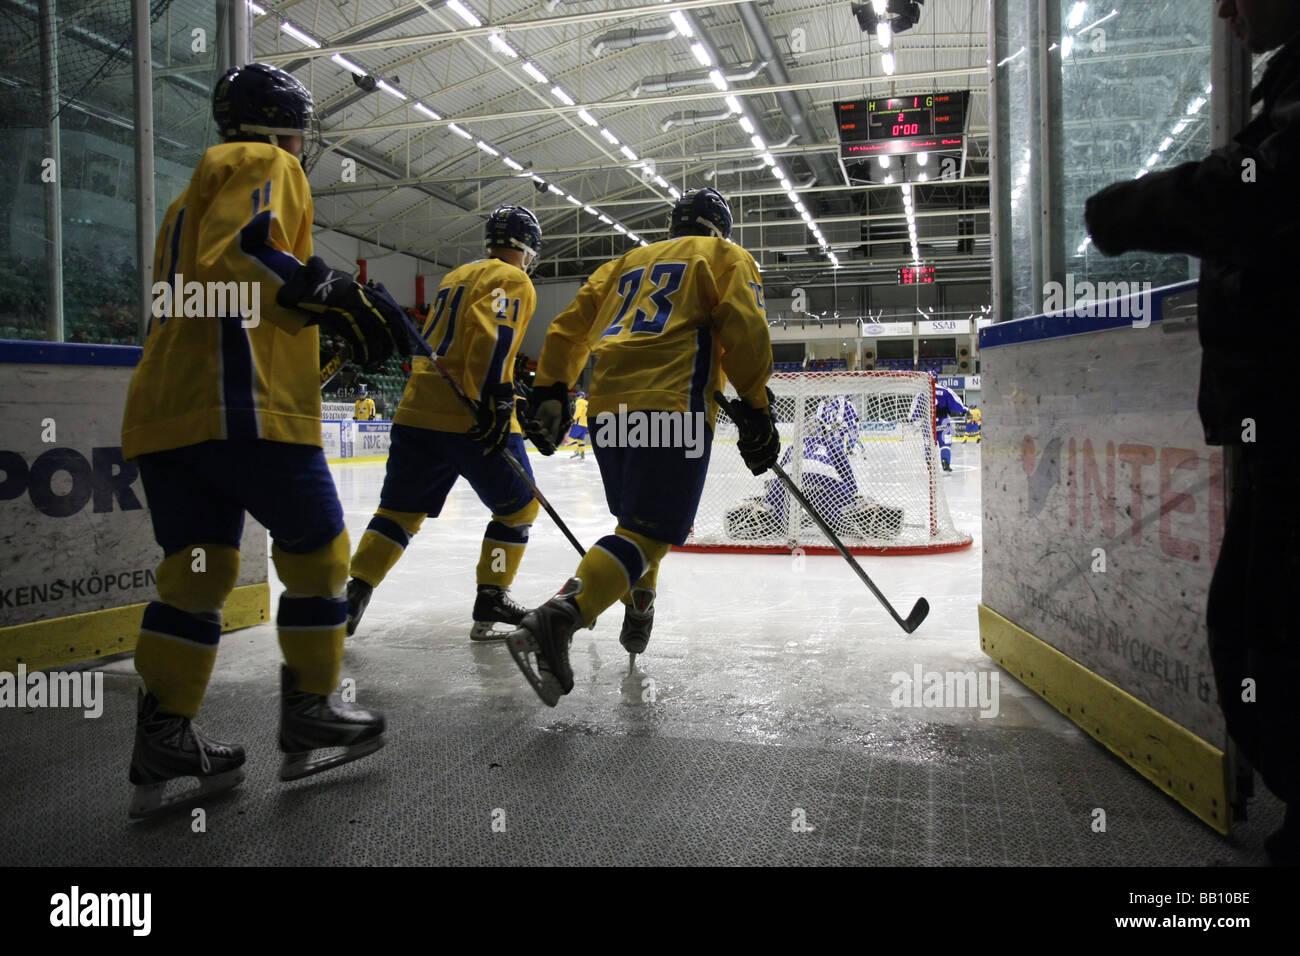 Equipo sueco introducir el hielo en una U18 torneo de hockey hielo. Imagen De Stock